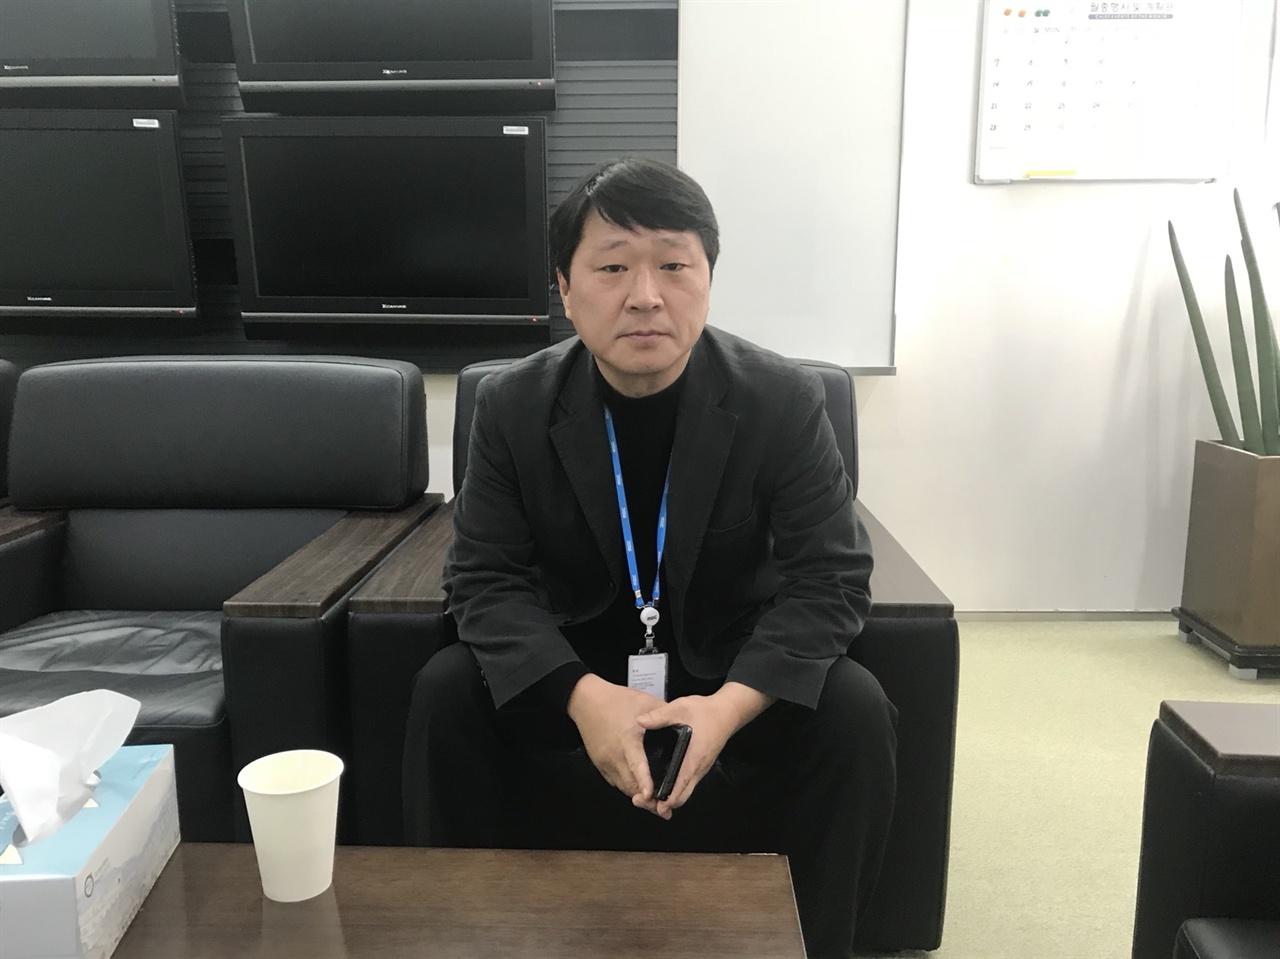 한정우 MBC 보도국장